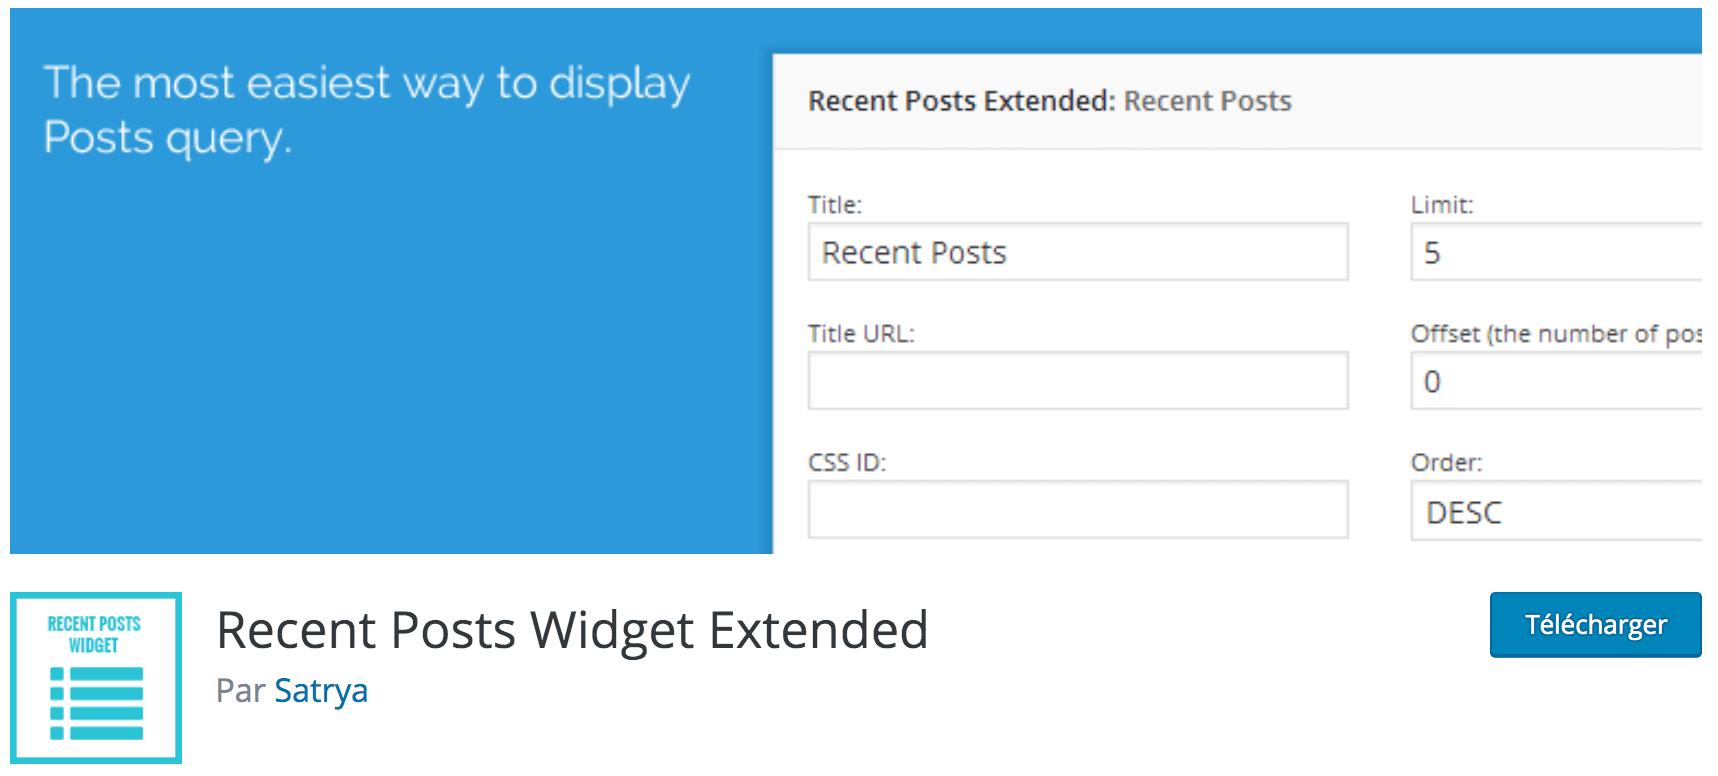 Notre avis sur Recent Posts Widget Extended meilleur plugin WP gratuit pour afficher vos derniers articles WordPress via un widget